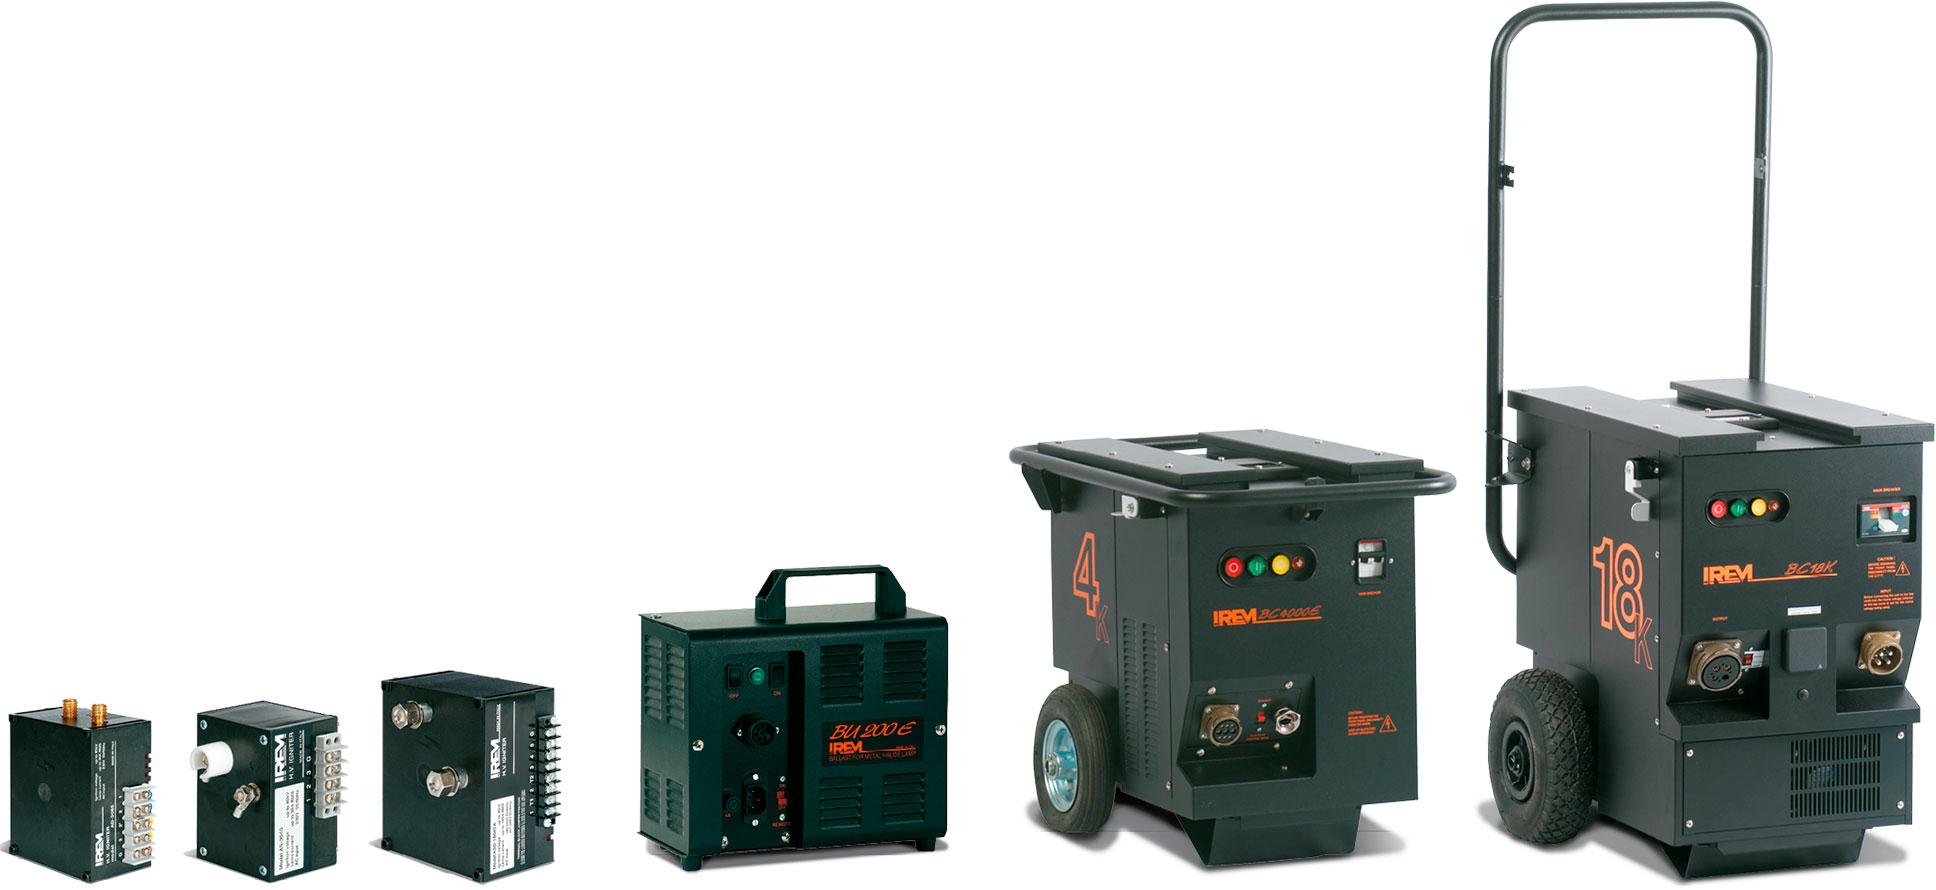 IREM gama completa de balastos magnéticos de alta calidad y encendedores de reencendido en caliente